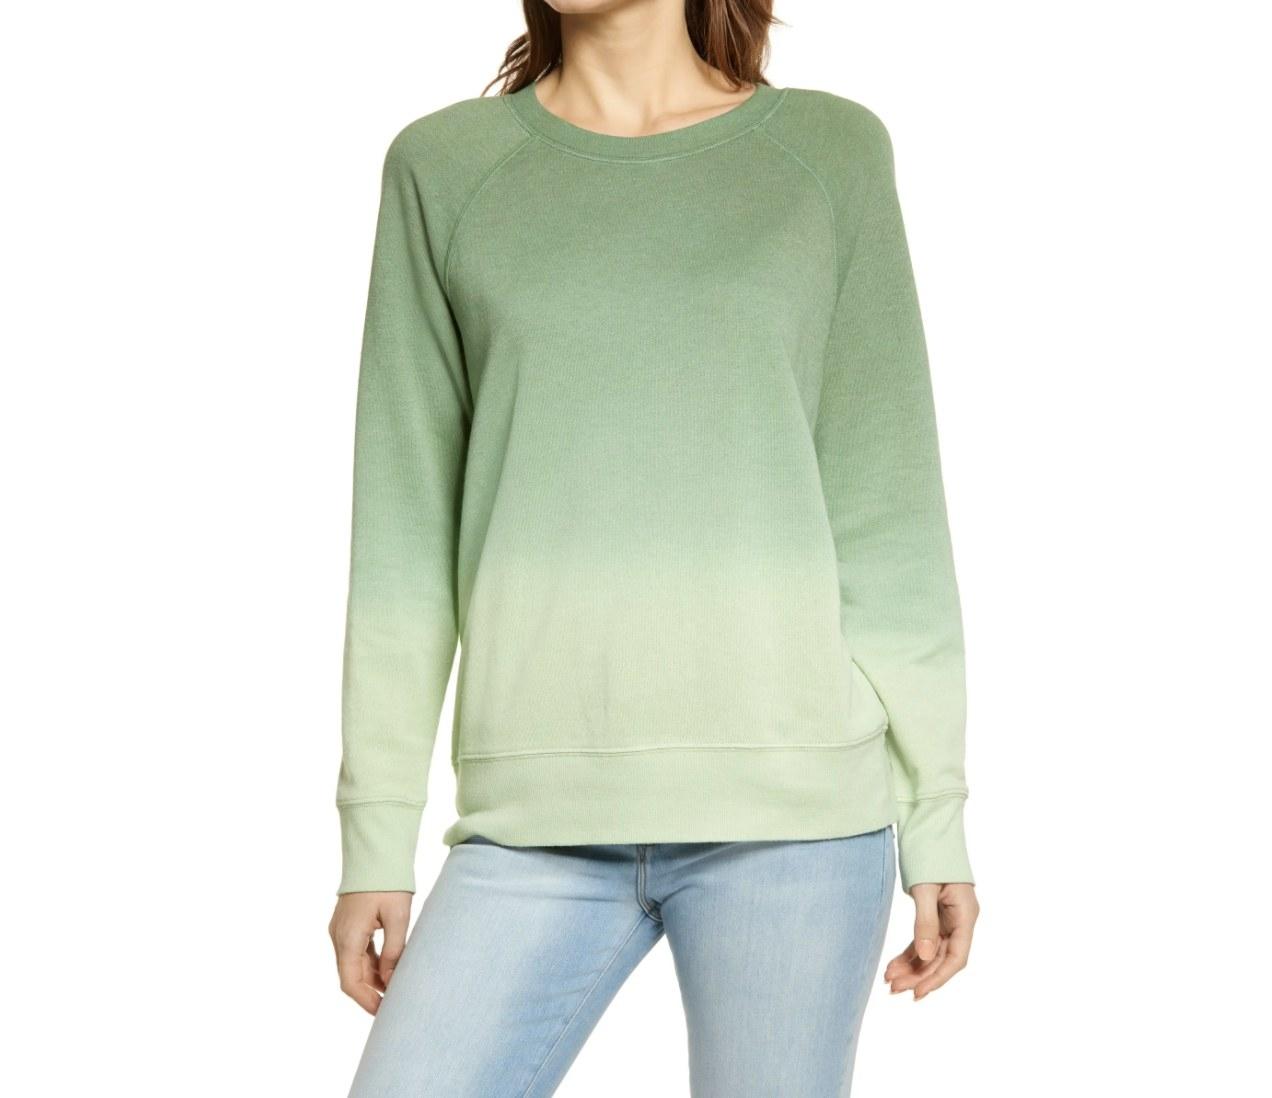 The dip dye sweatshirt in green ghost